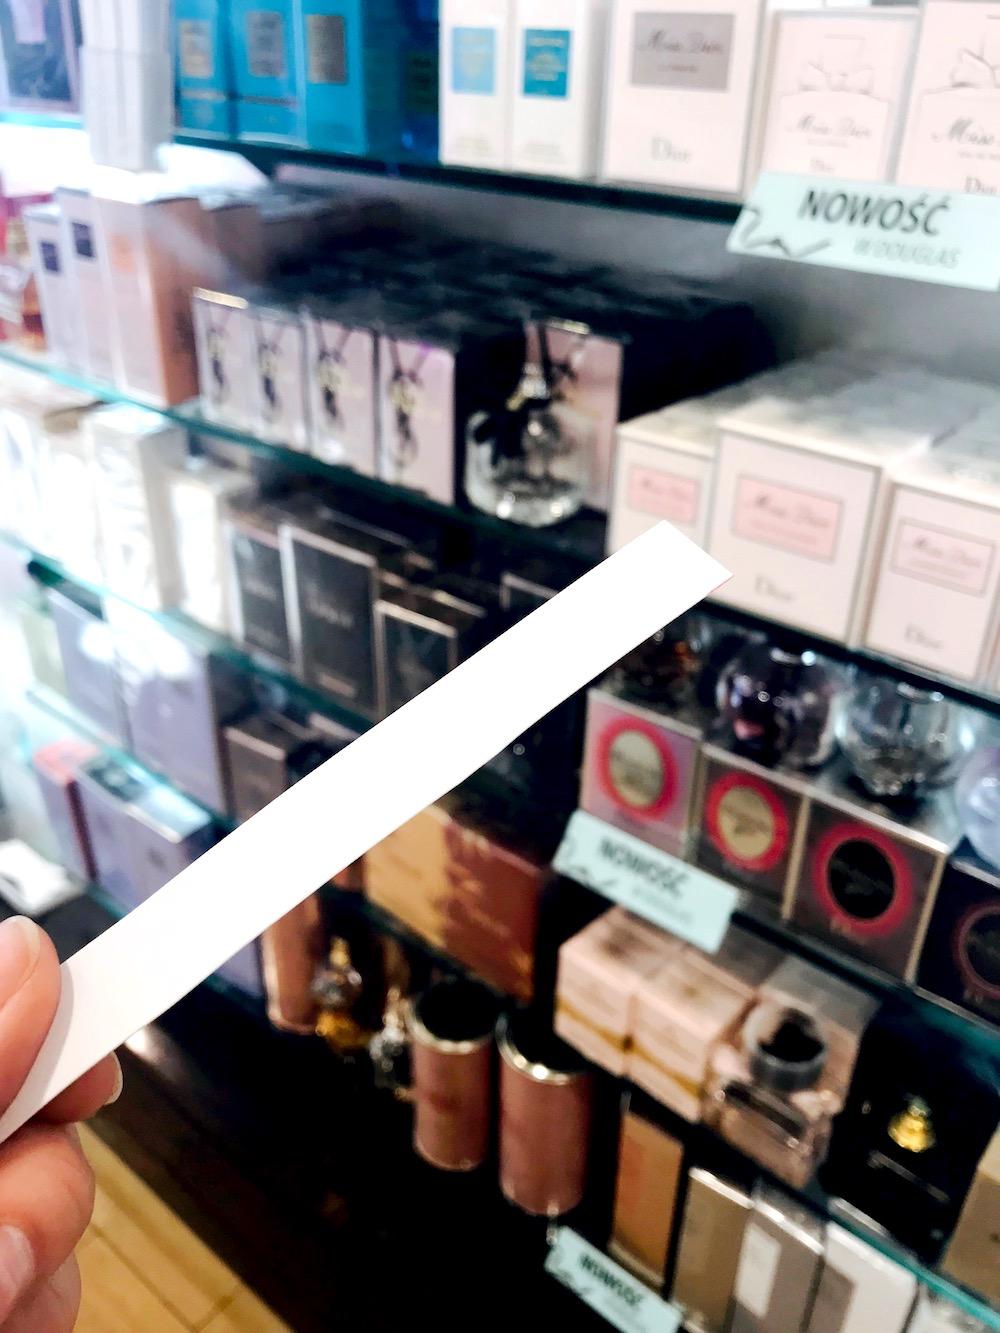 Co to jest blotter, Jak używać blottera, blotter, perfumy, Moda, blotter perfumy, blotter paper, blottery do perfum, zapach, paper blotter tabs, mouillettes